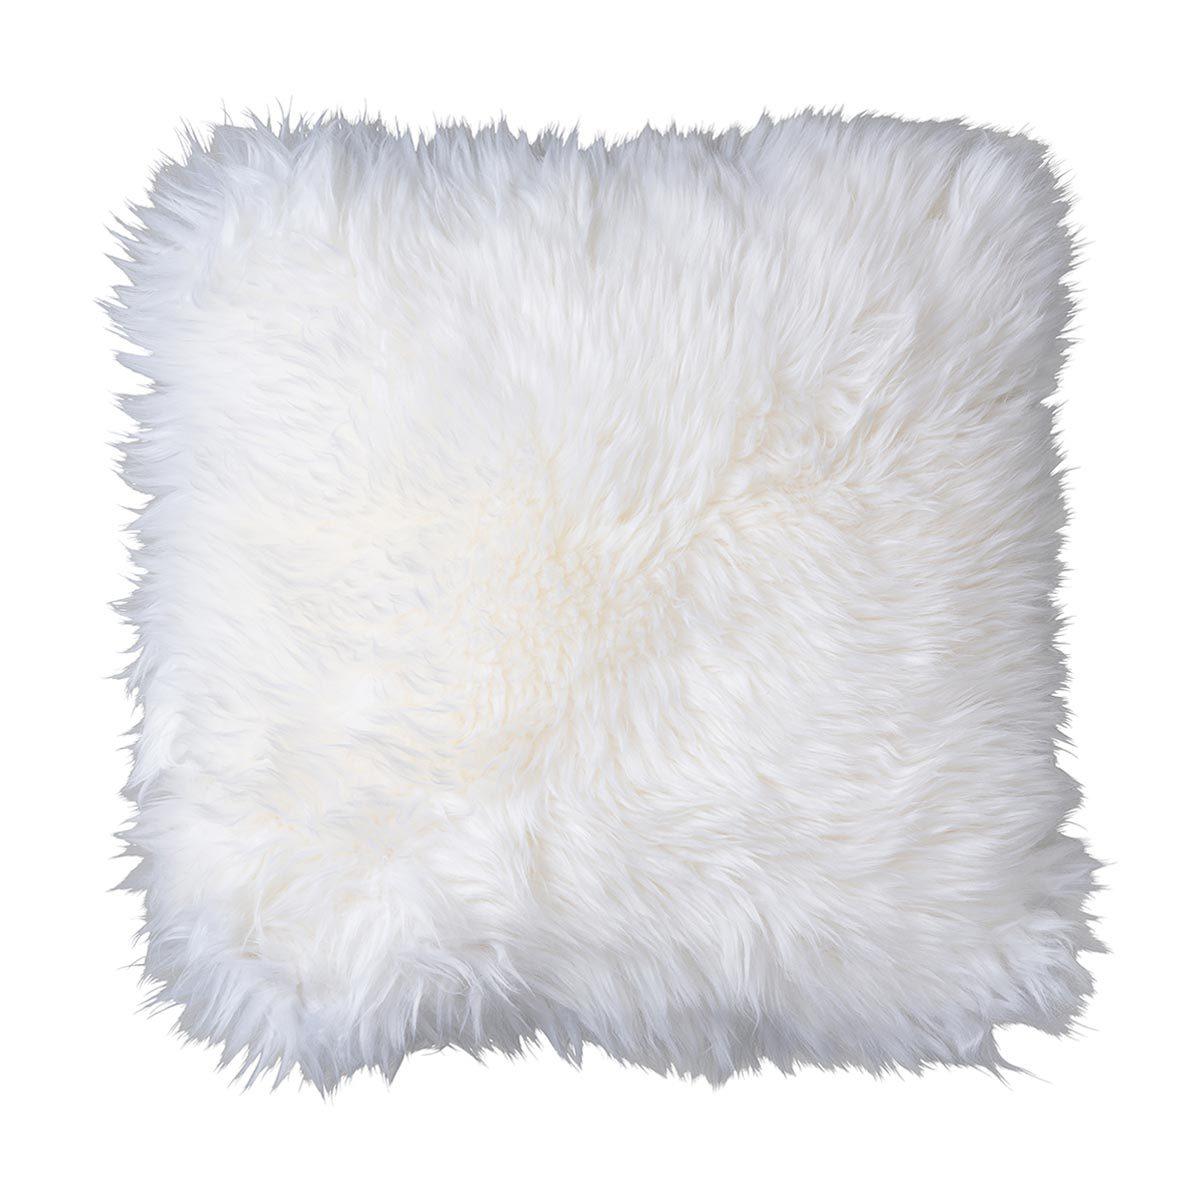 fellhof lammfell kissenbezug langwollig weiss g nstig online kaufen bei bettwaren shop. Black Bedroom Furniture Sets. Home Design Ideas